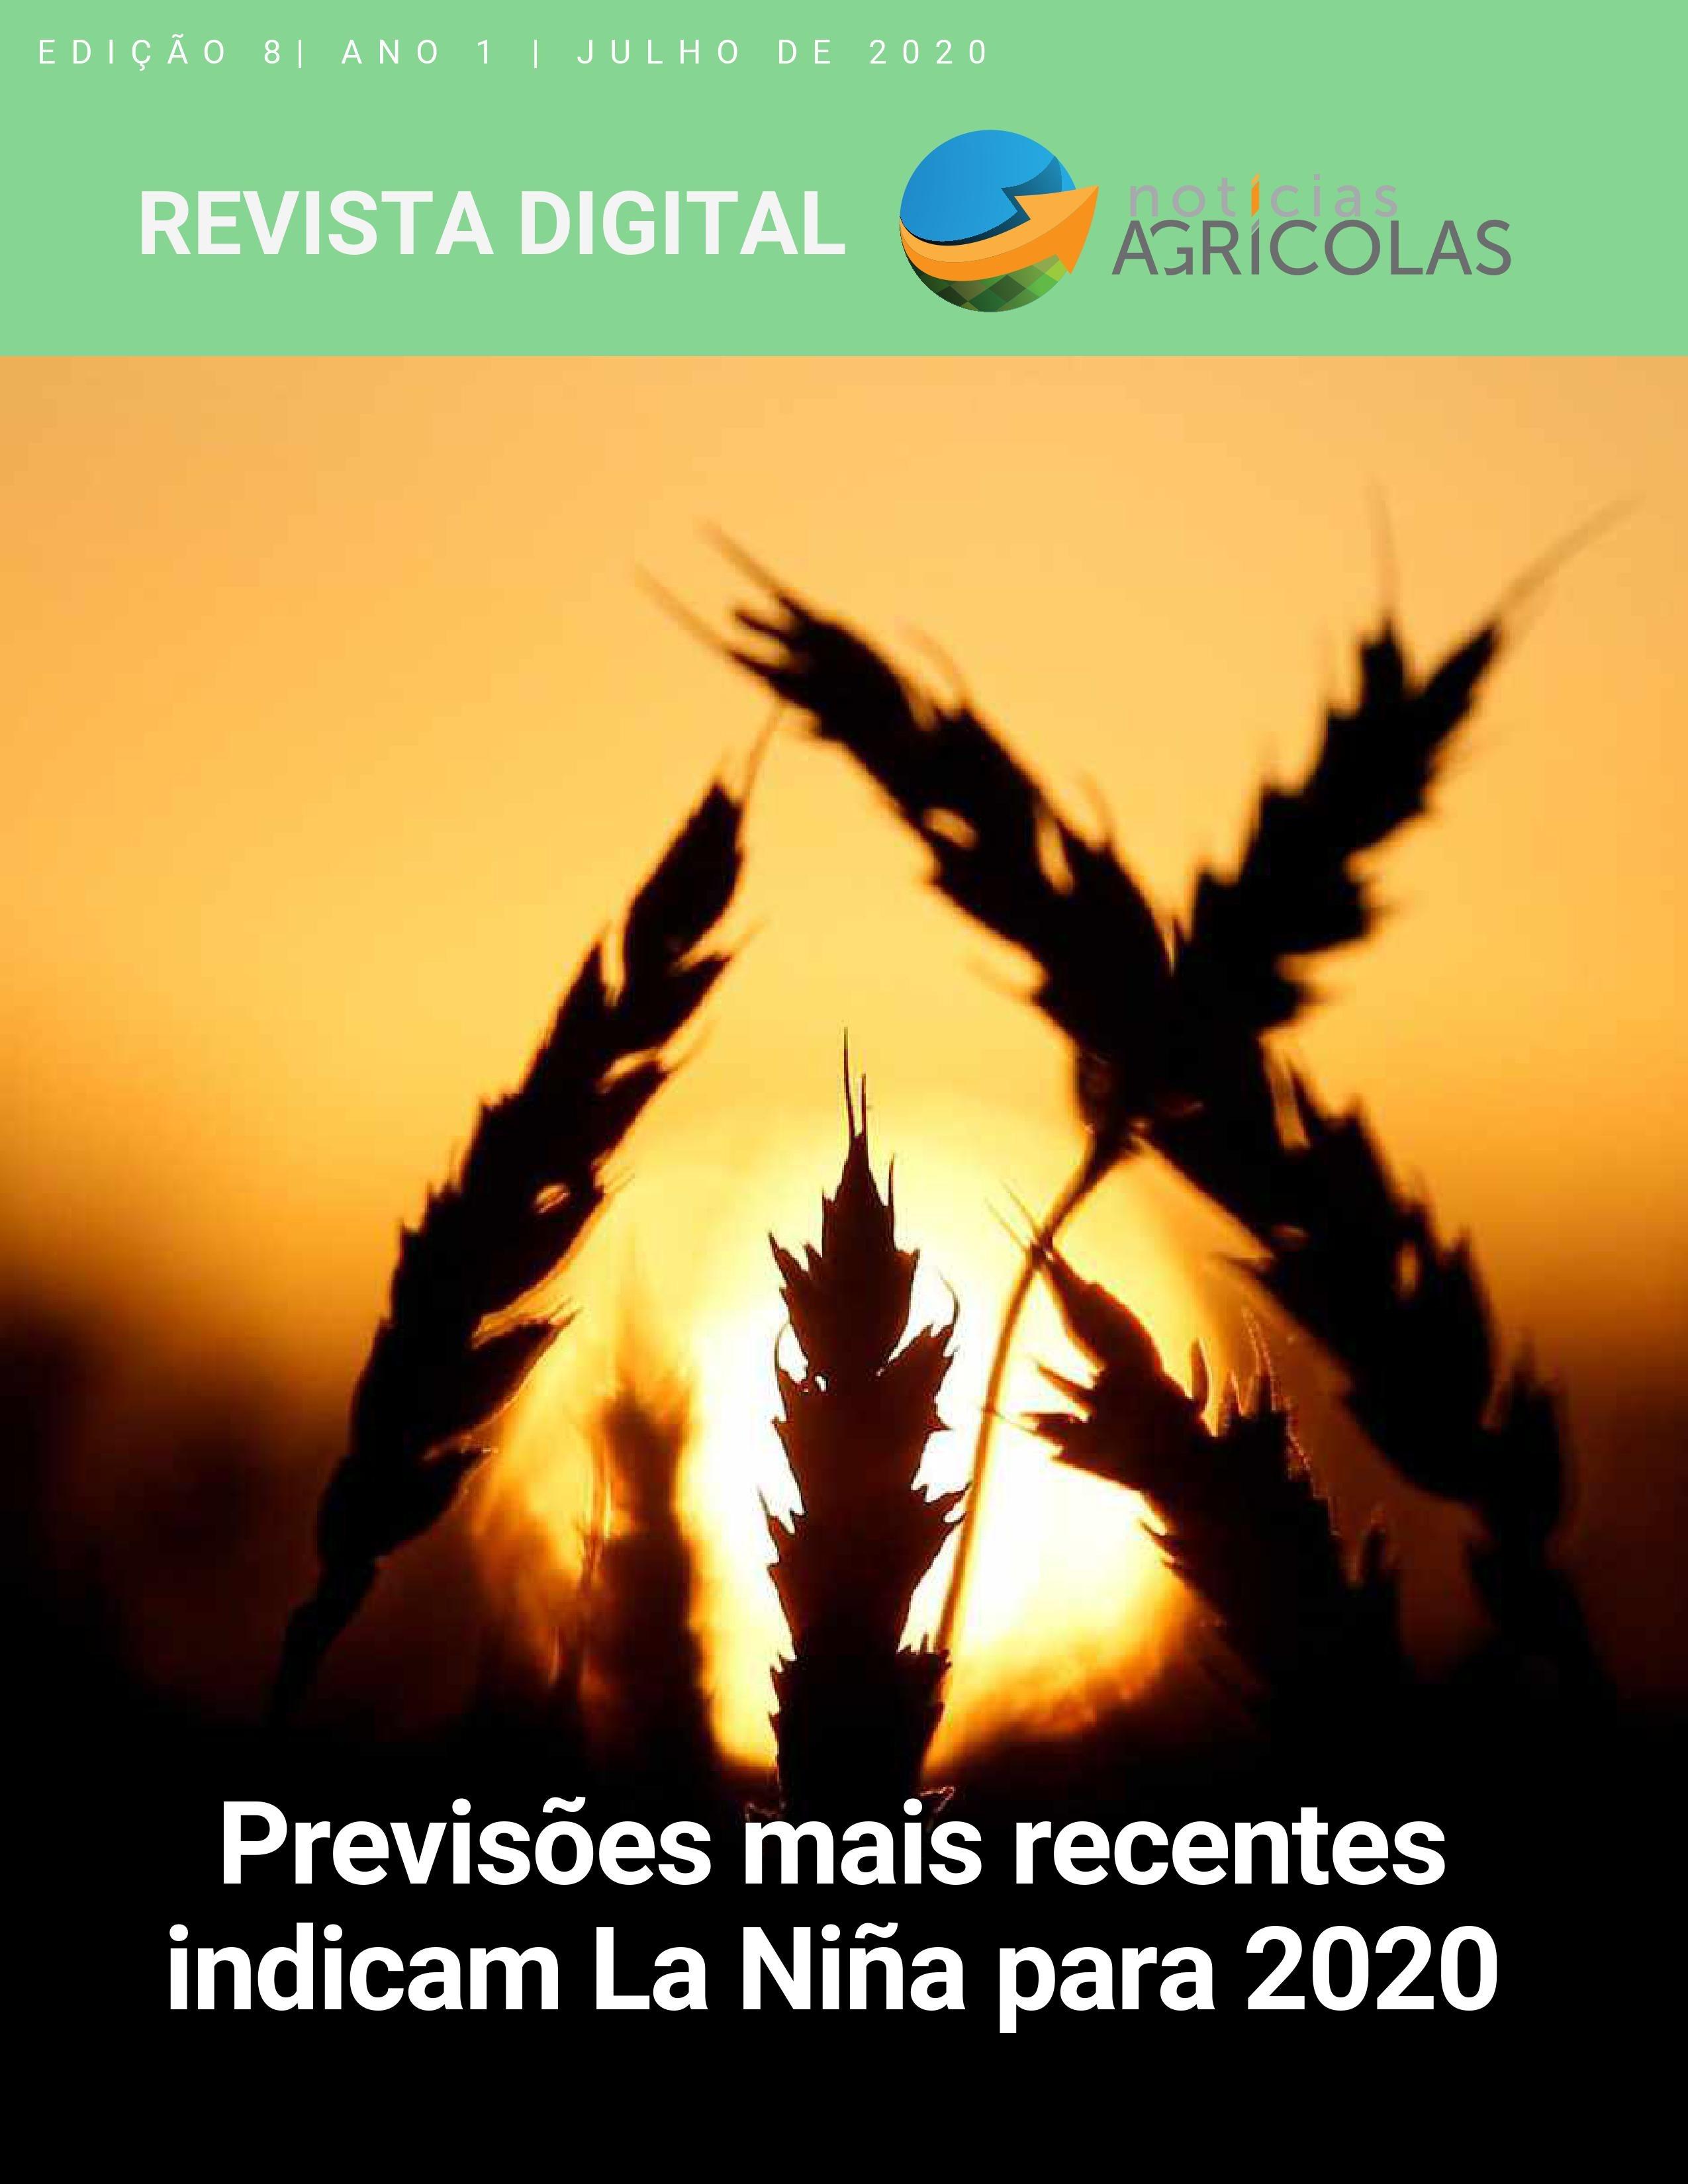 capa revista noticias agricolas 7